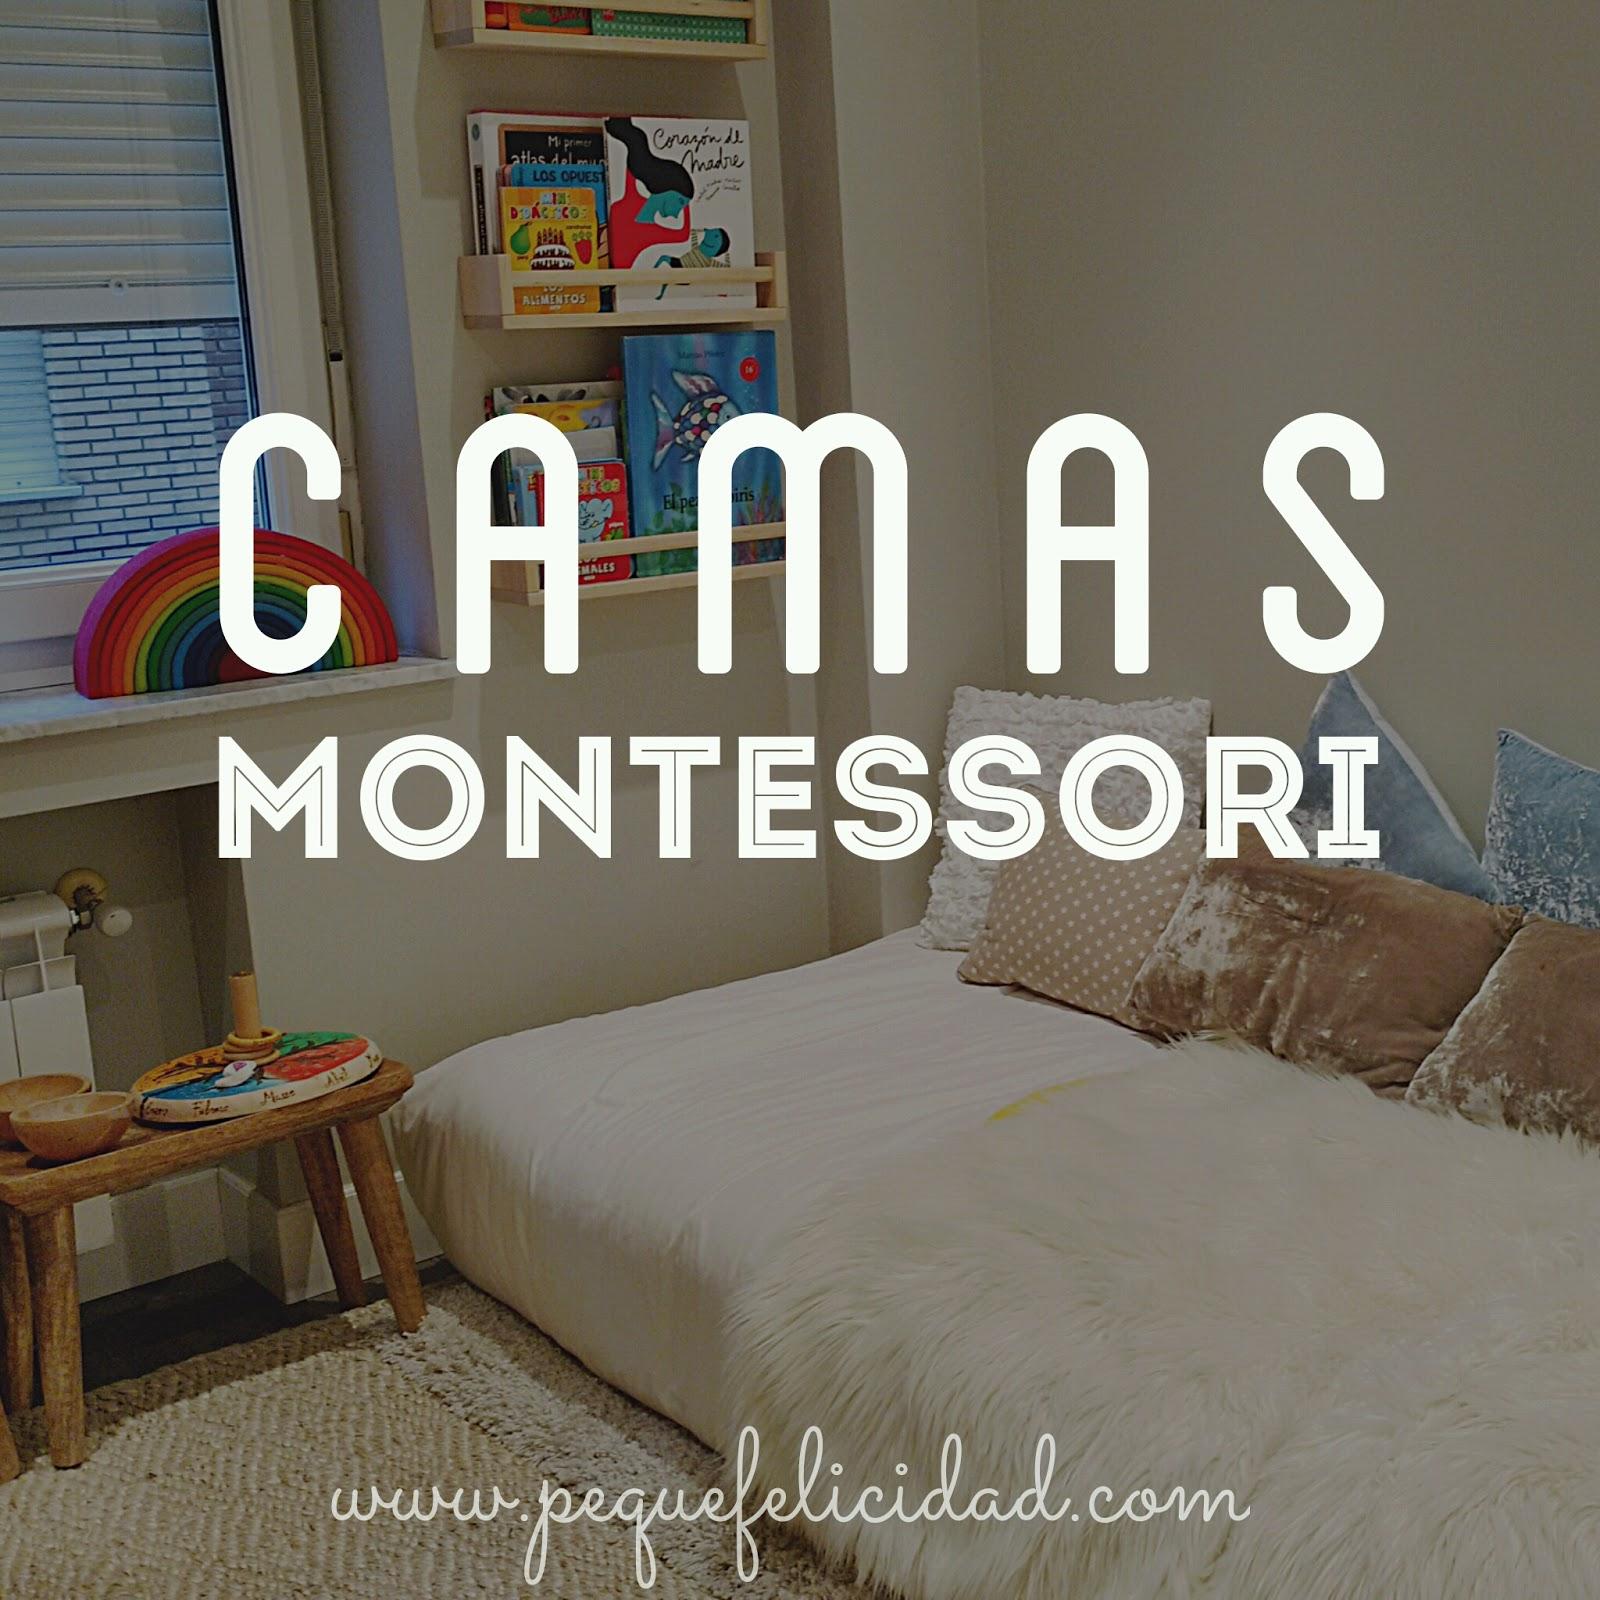 Pequefelicidad Camas Montessori